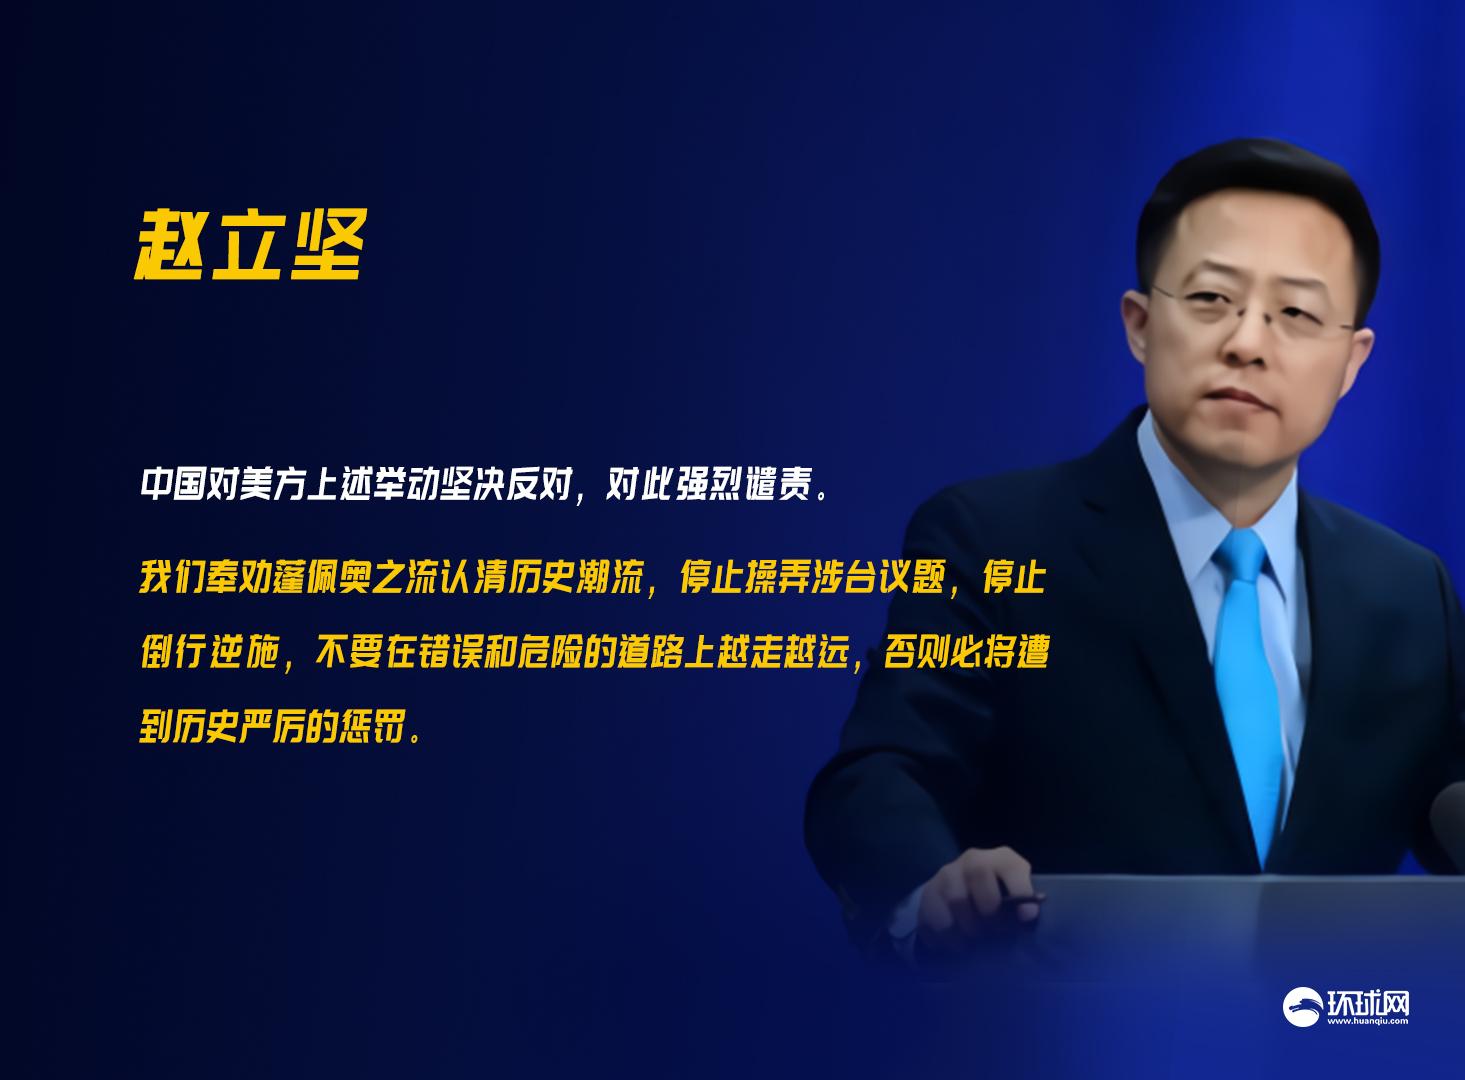 中方强烈谴责蓬佩奥为美台交往限制松绑:停止倒行逆施